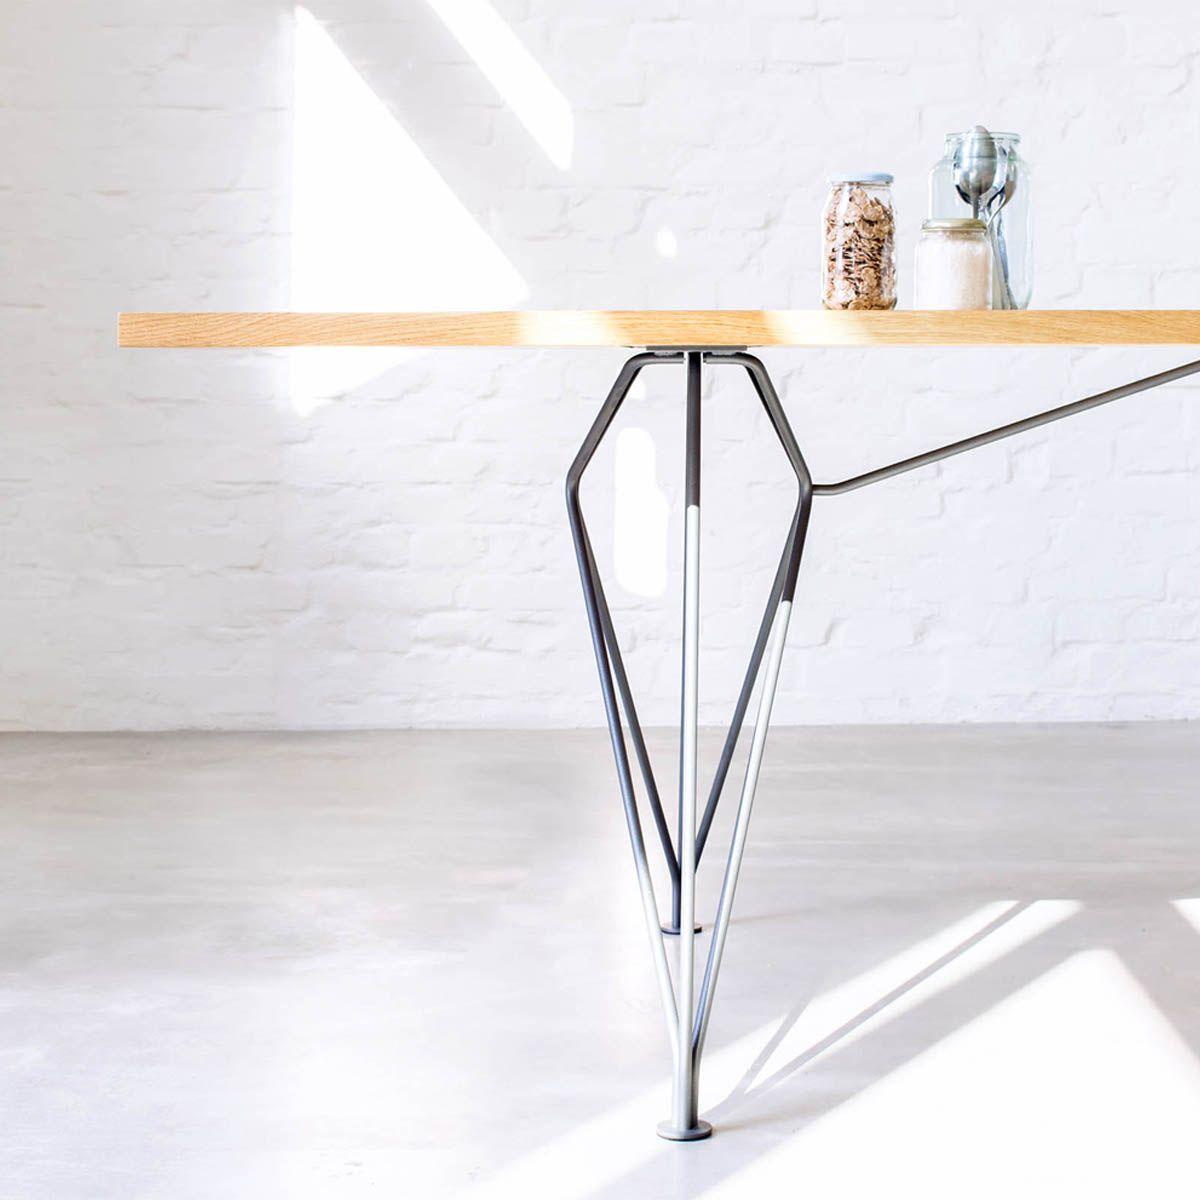 Rig Design Tisch Mit Drahtgestell Und Tischplatte Aus Massivholz Dieser Design Tisch Mit Drahtgestell Kann Im Mbzwo Design Tisch Tische Holz Esstisch Modern